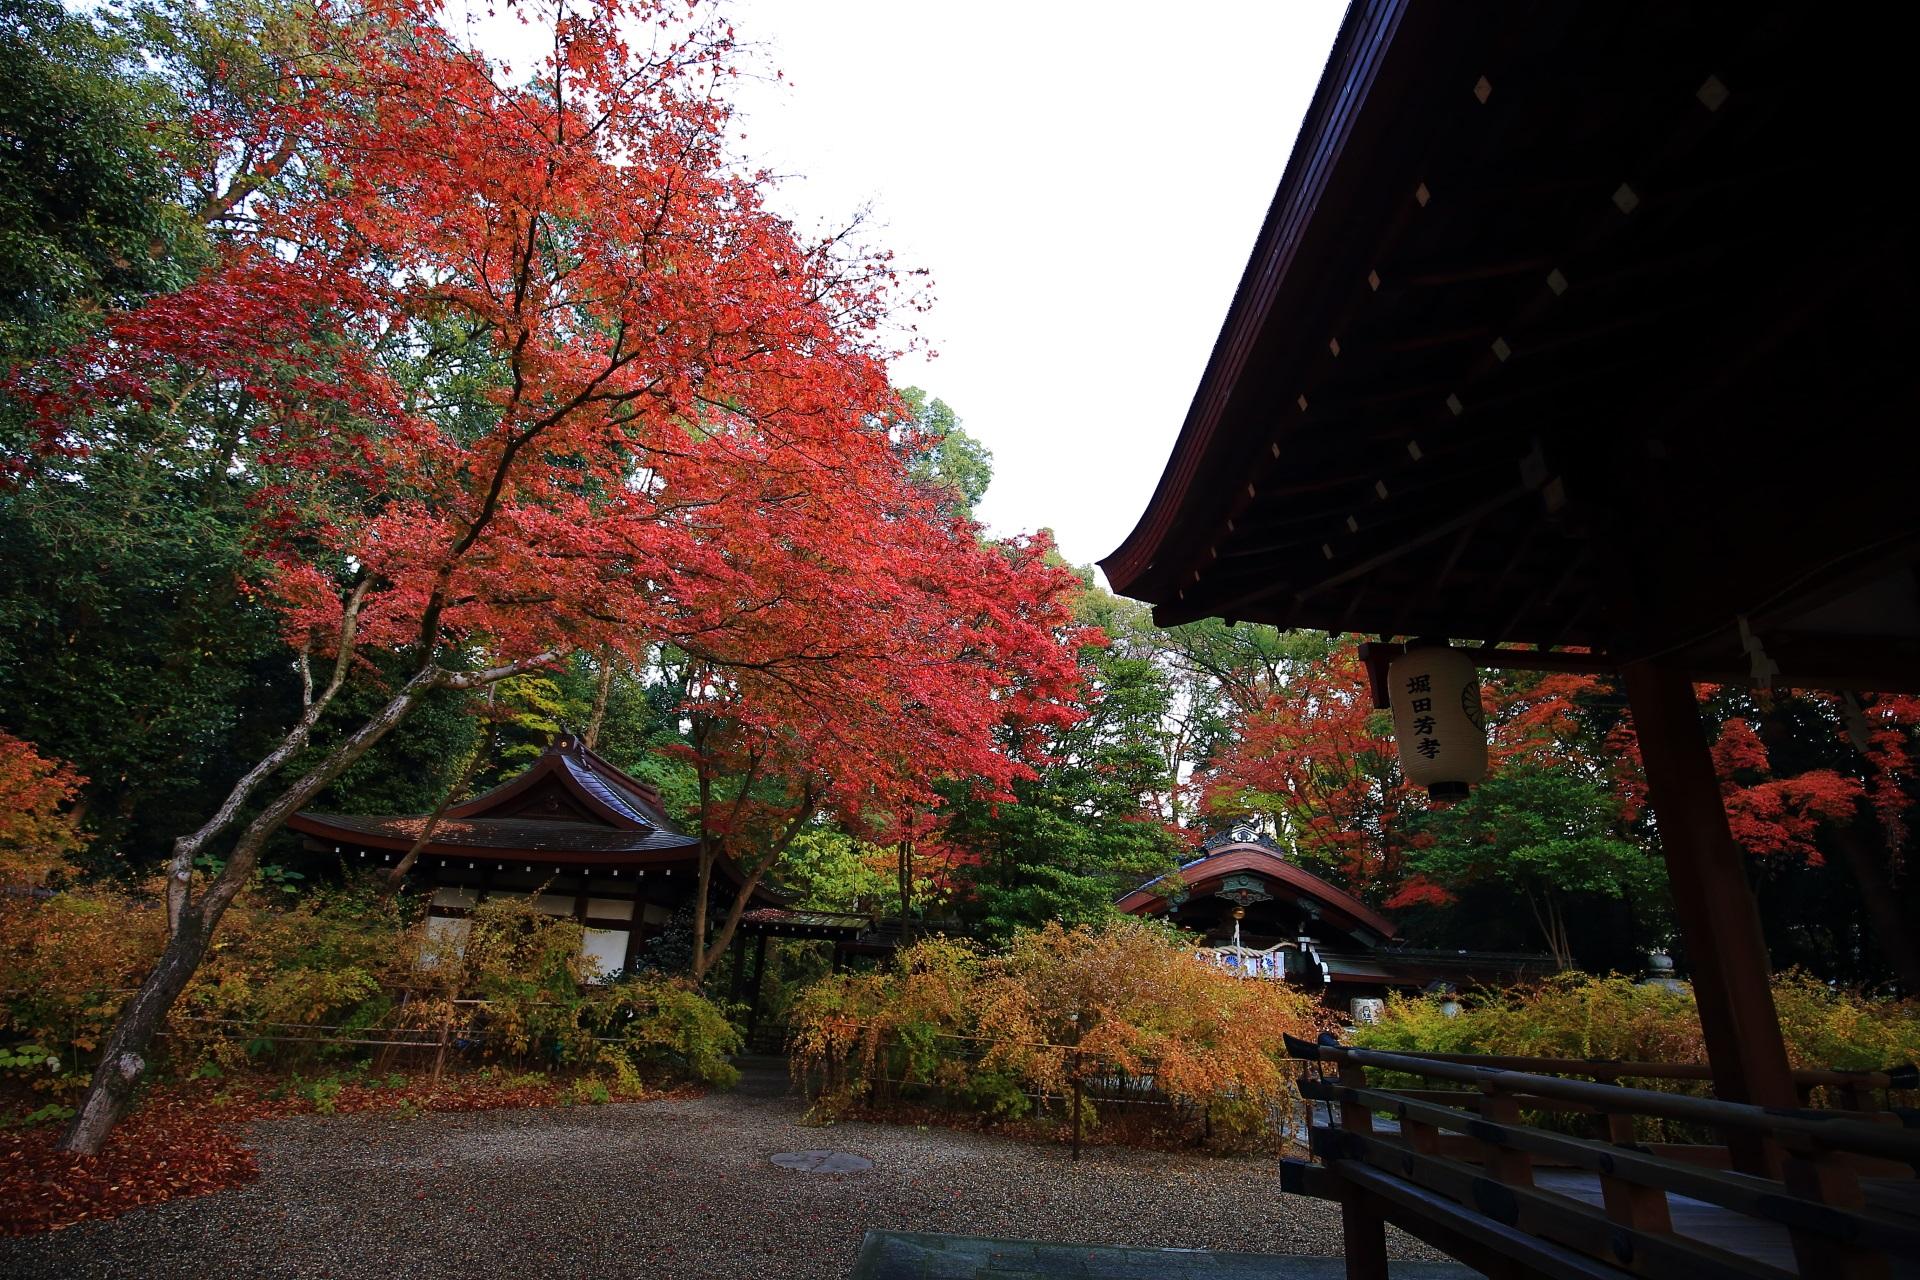 梨木神社の拝殿のシルエットと華やぐ紅葉と奥の本殿